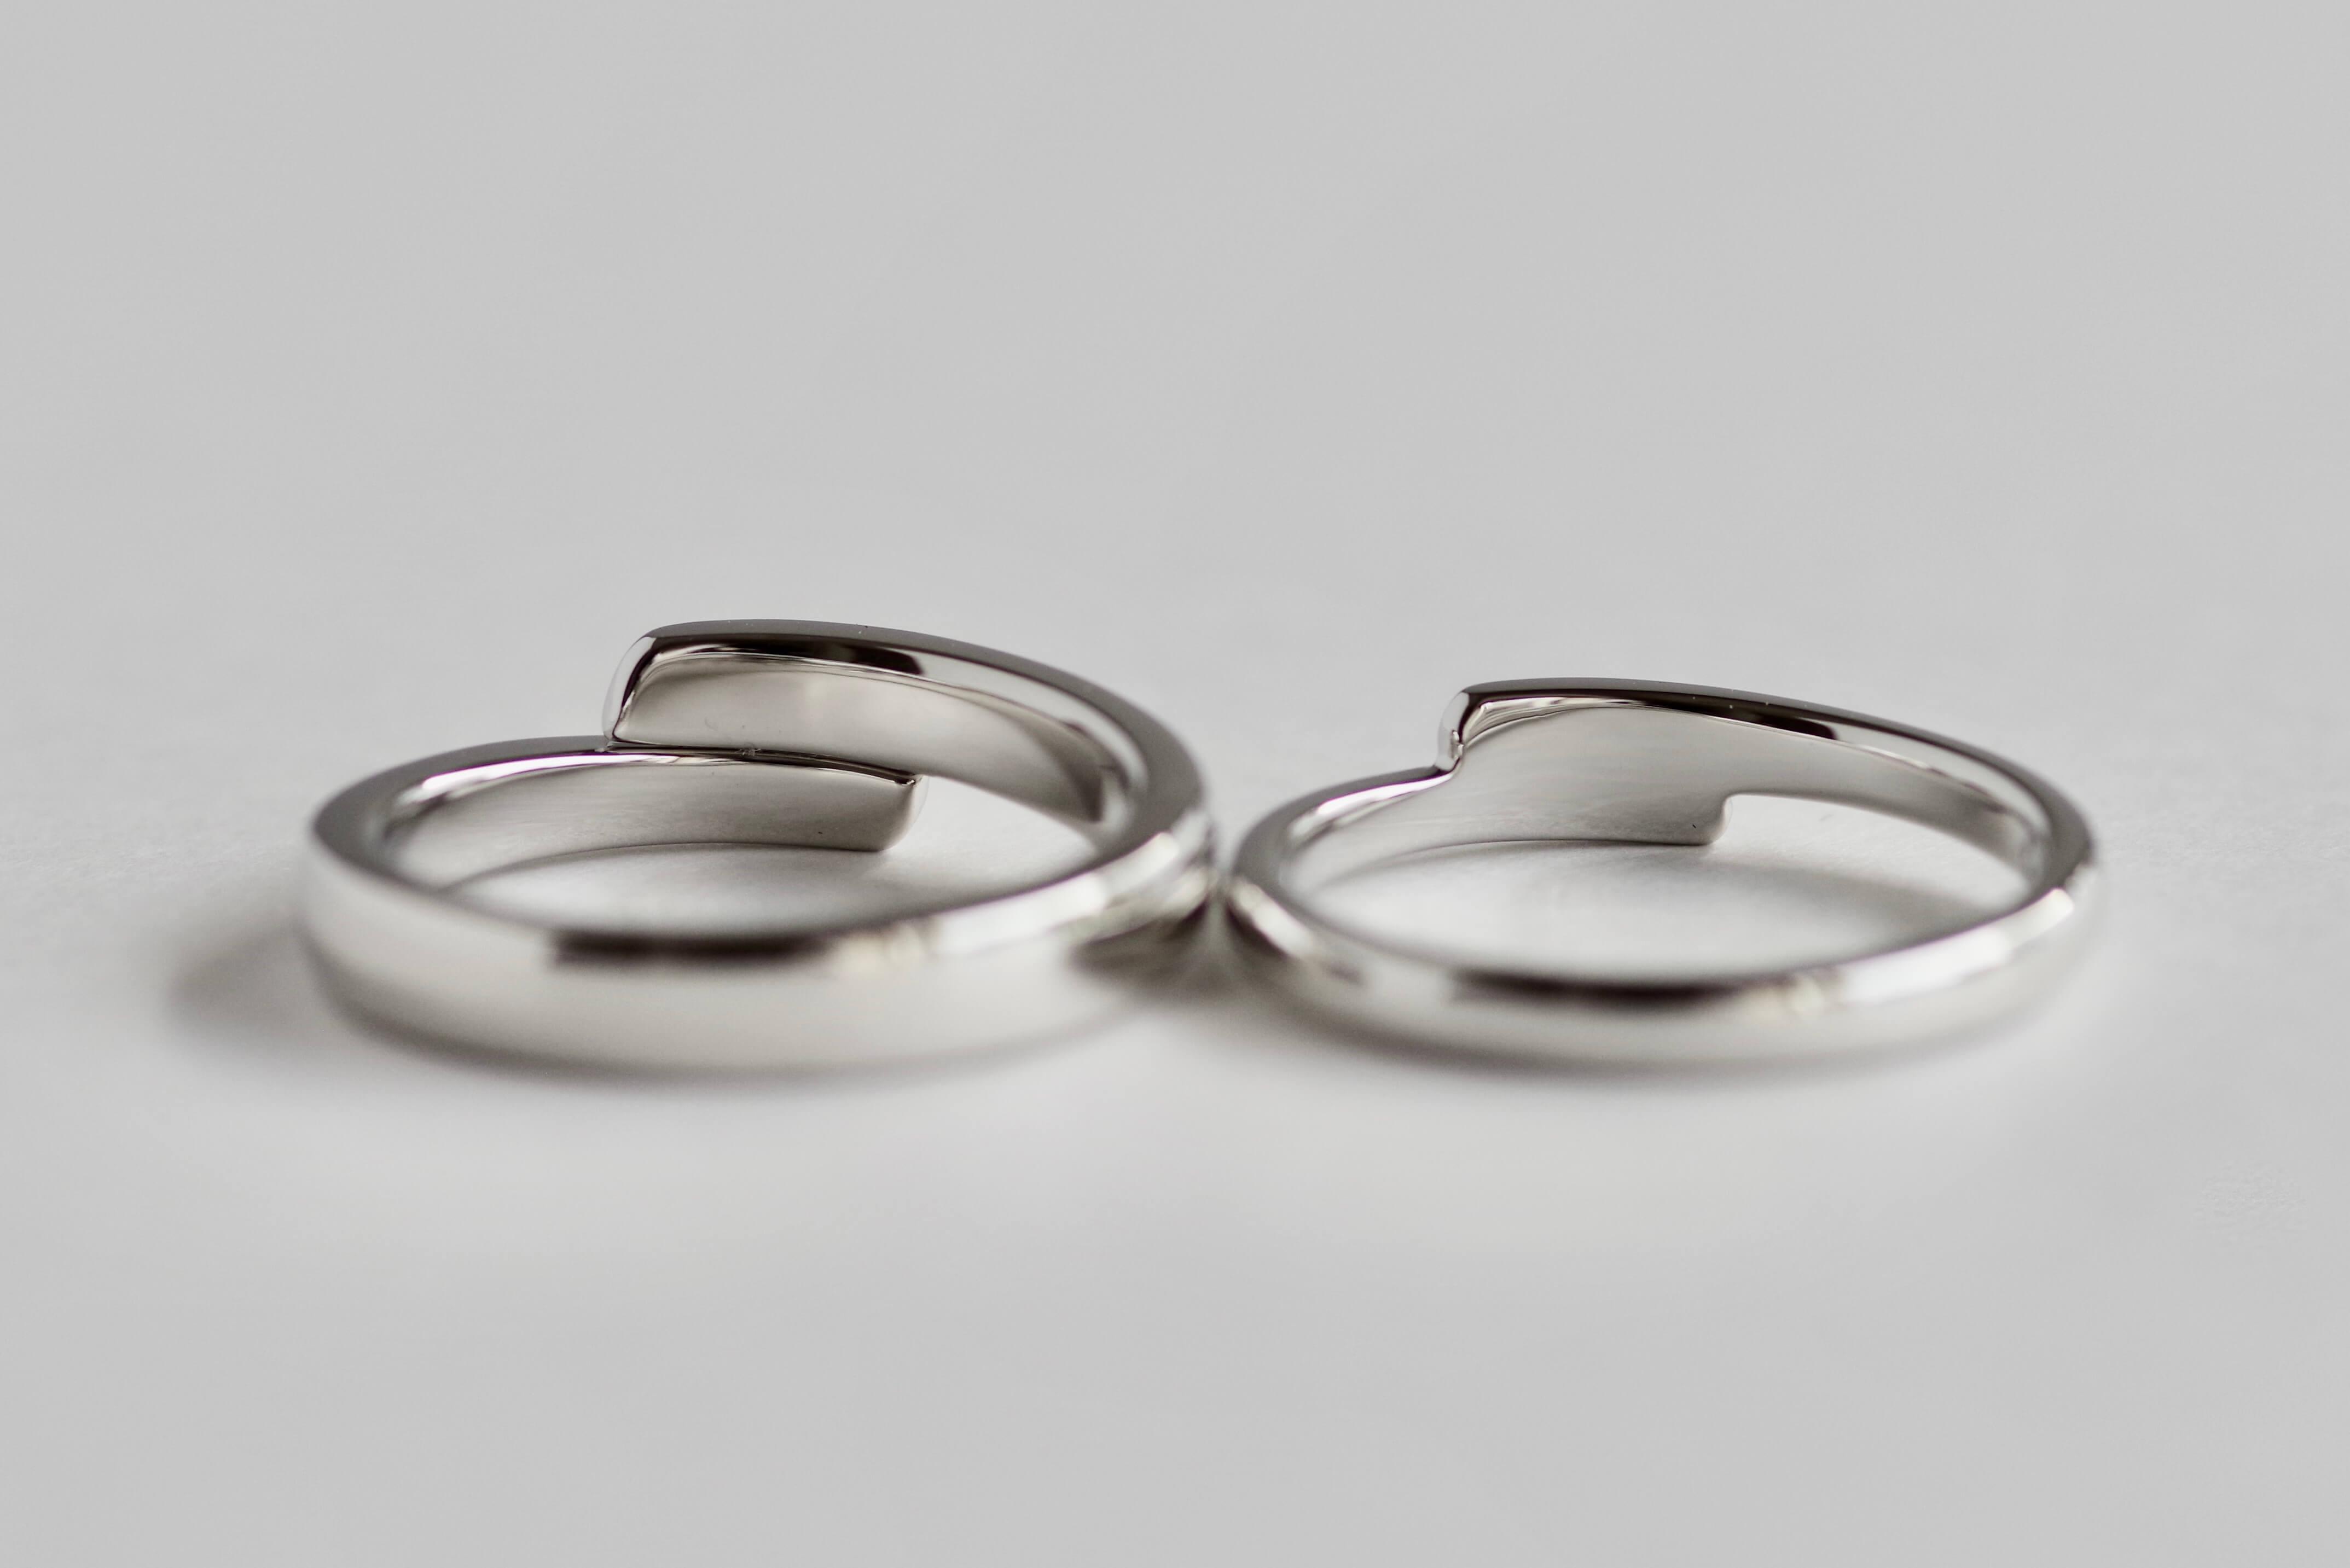 結婚指輪 オーダーメイド 関節太い方